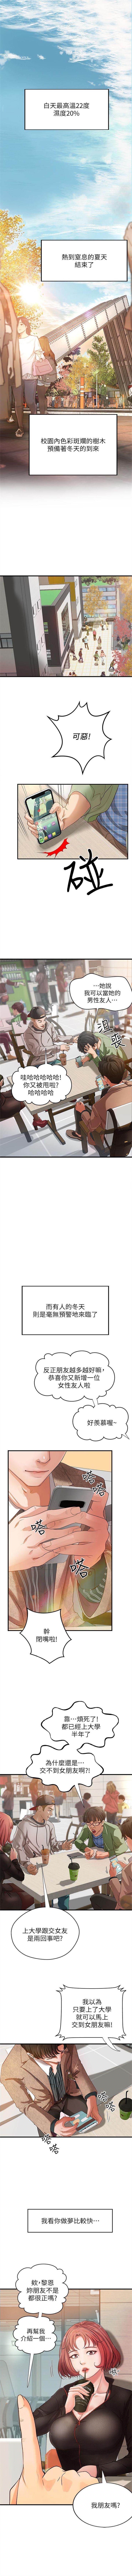 御姐的實戰教學 1-27 官方中文(連載中) 1